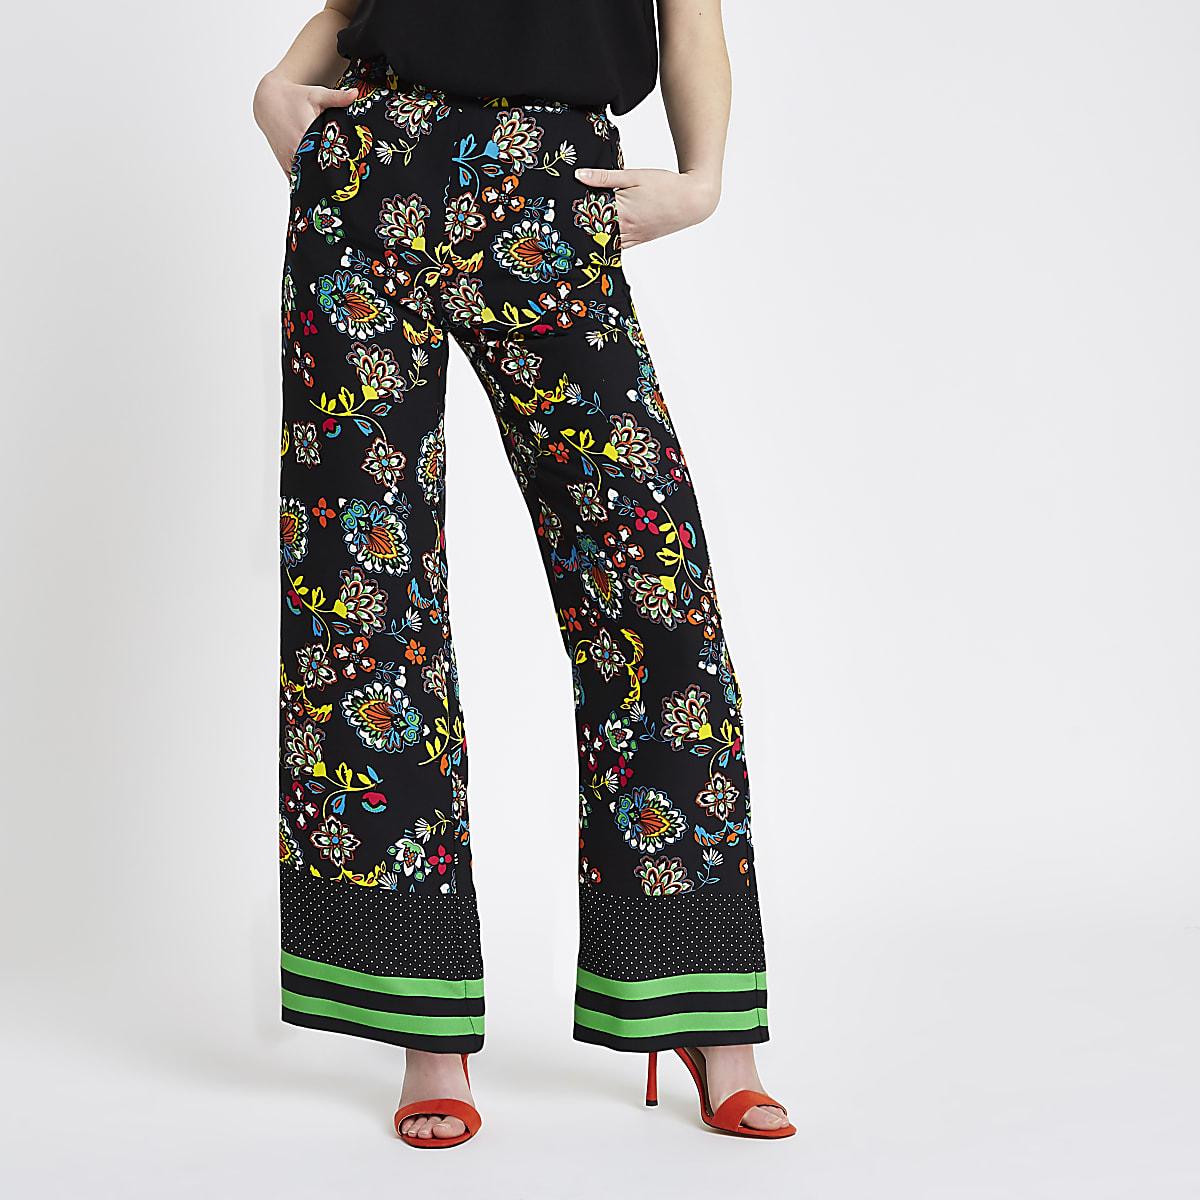 162a030c17 Black floral print wide leg pants - Wide Leg Pants - Pants - women